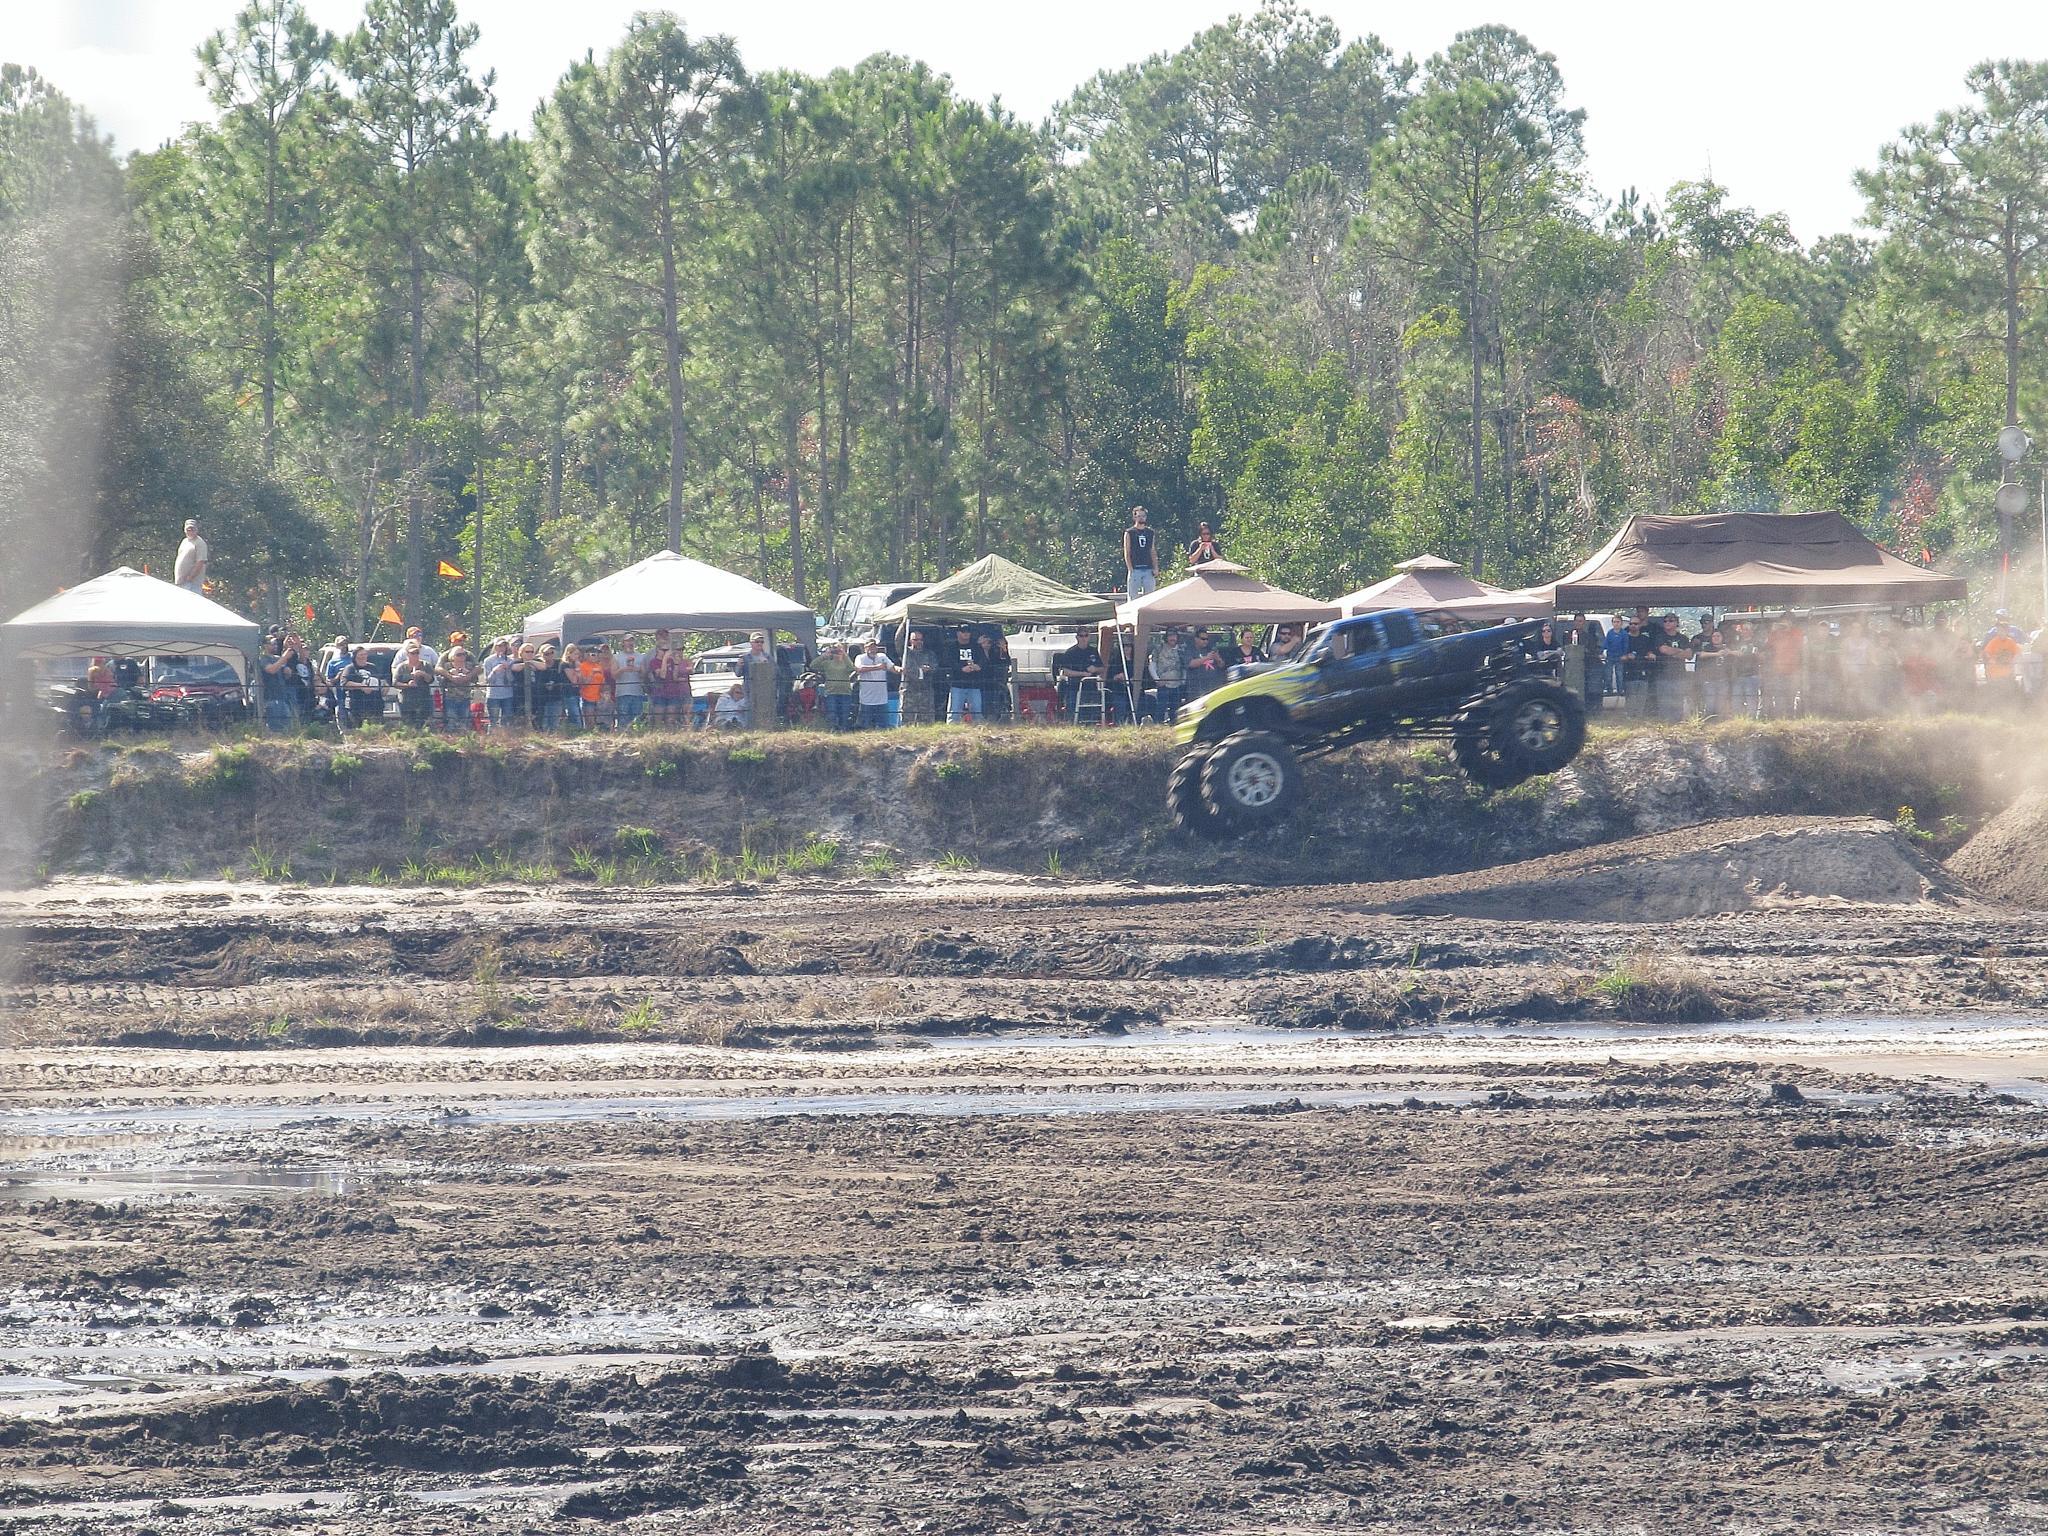 Mud Life by umatilla06